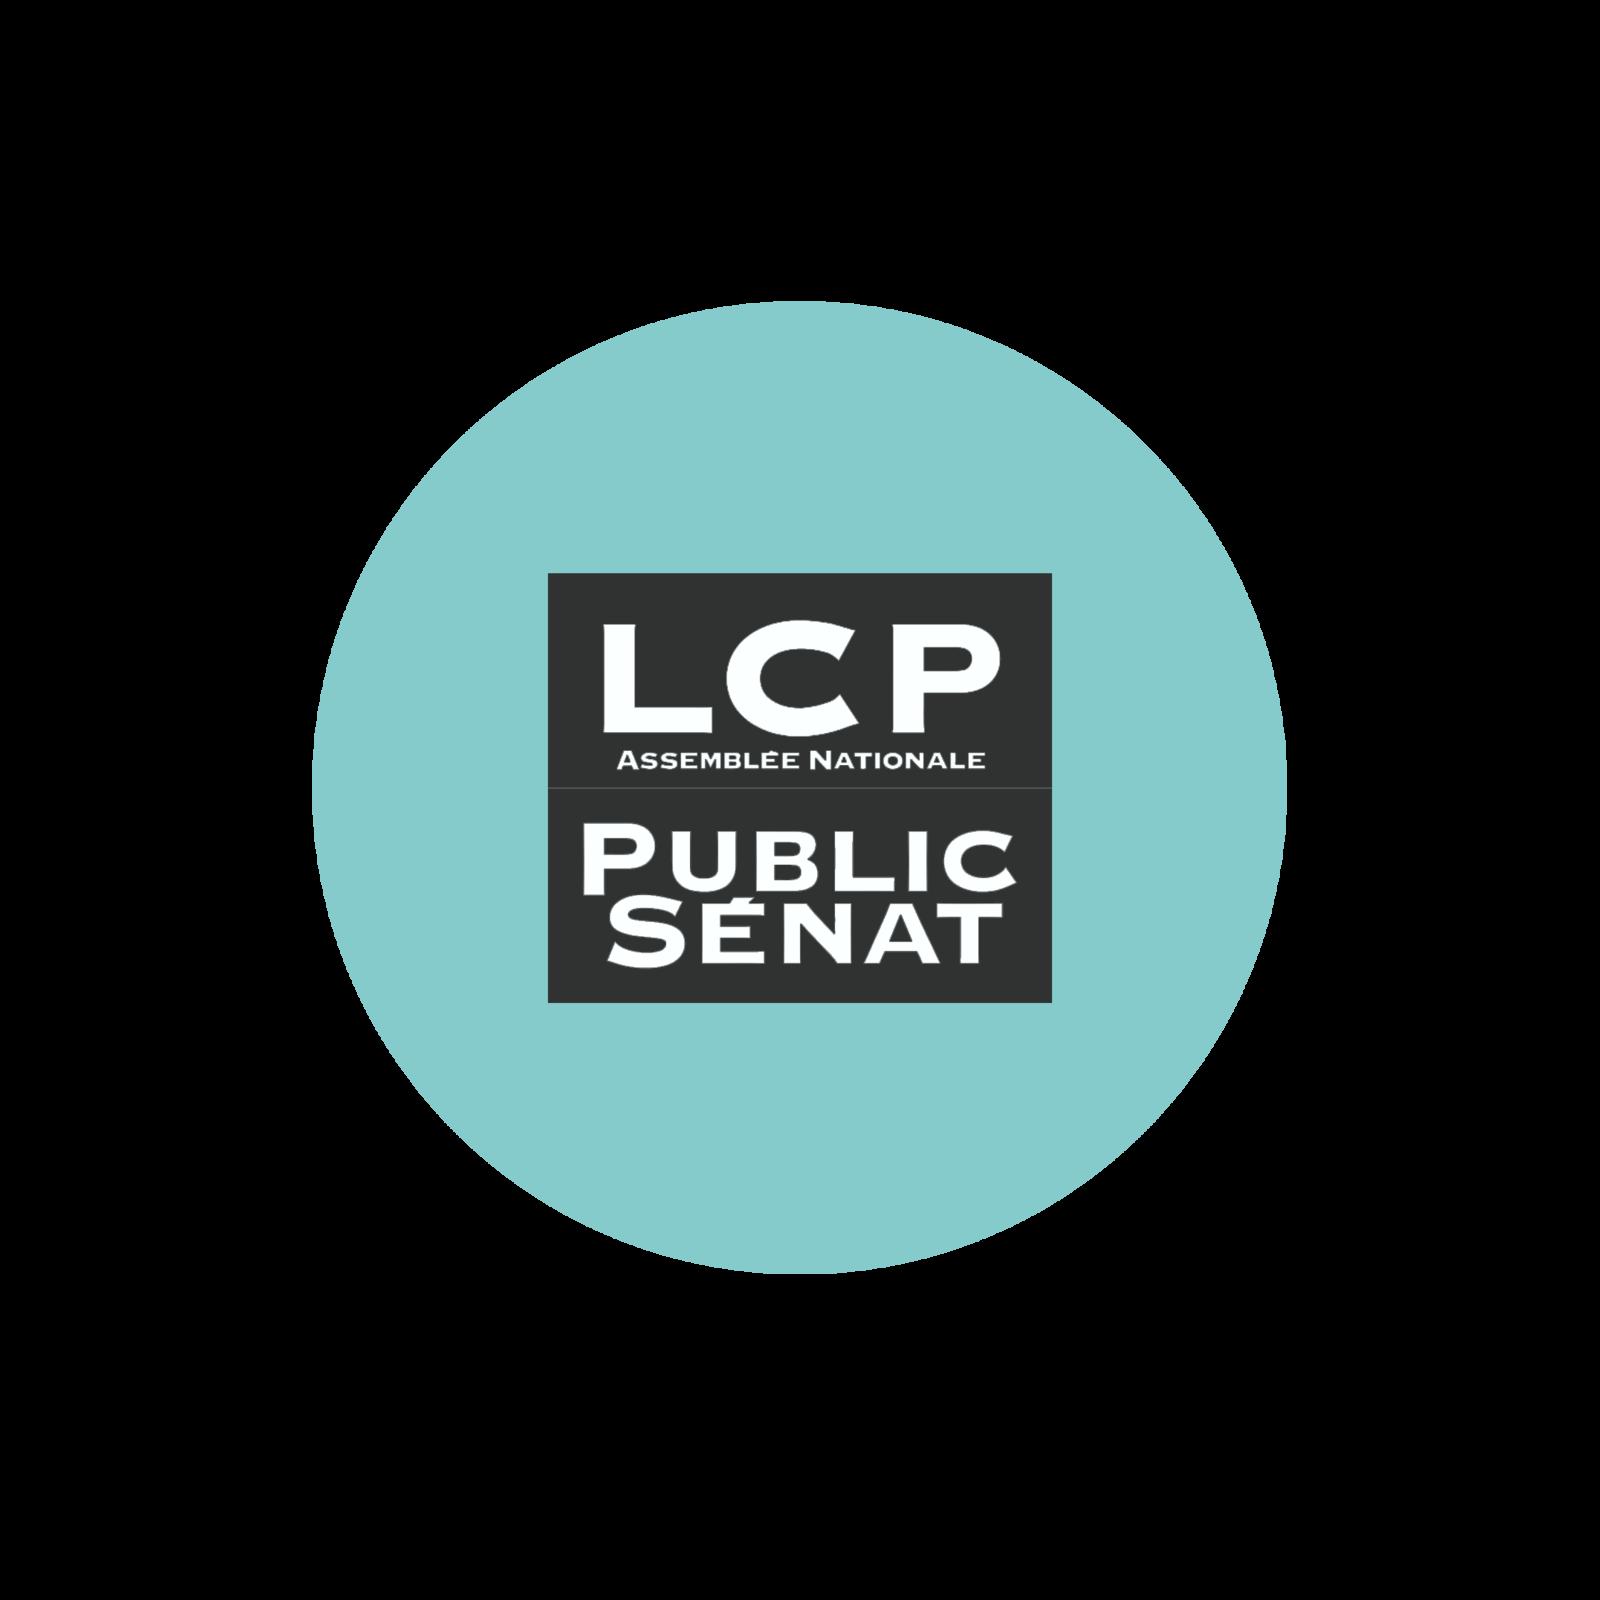 La Direction de Public Sénat annonce ne pas poursuivre sa collaboration avec la société CVP, dirigée par Cyril Viguier.